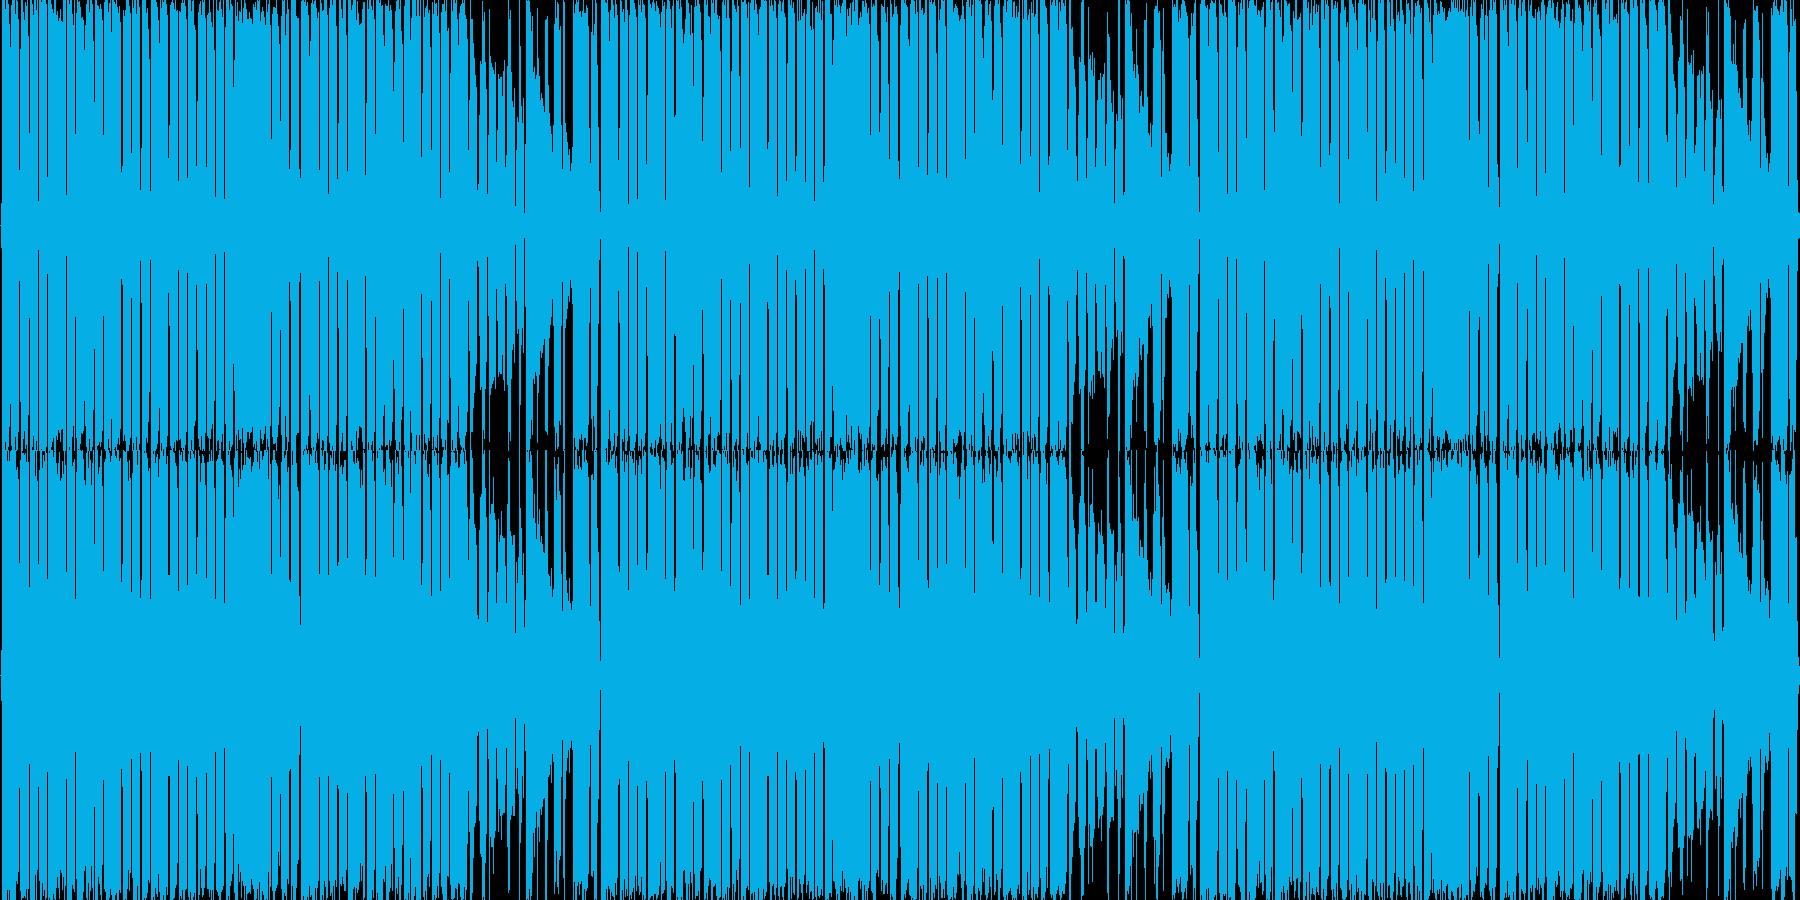 【ダンス/アップテンポ/トランス】の再生済みの波形